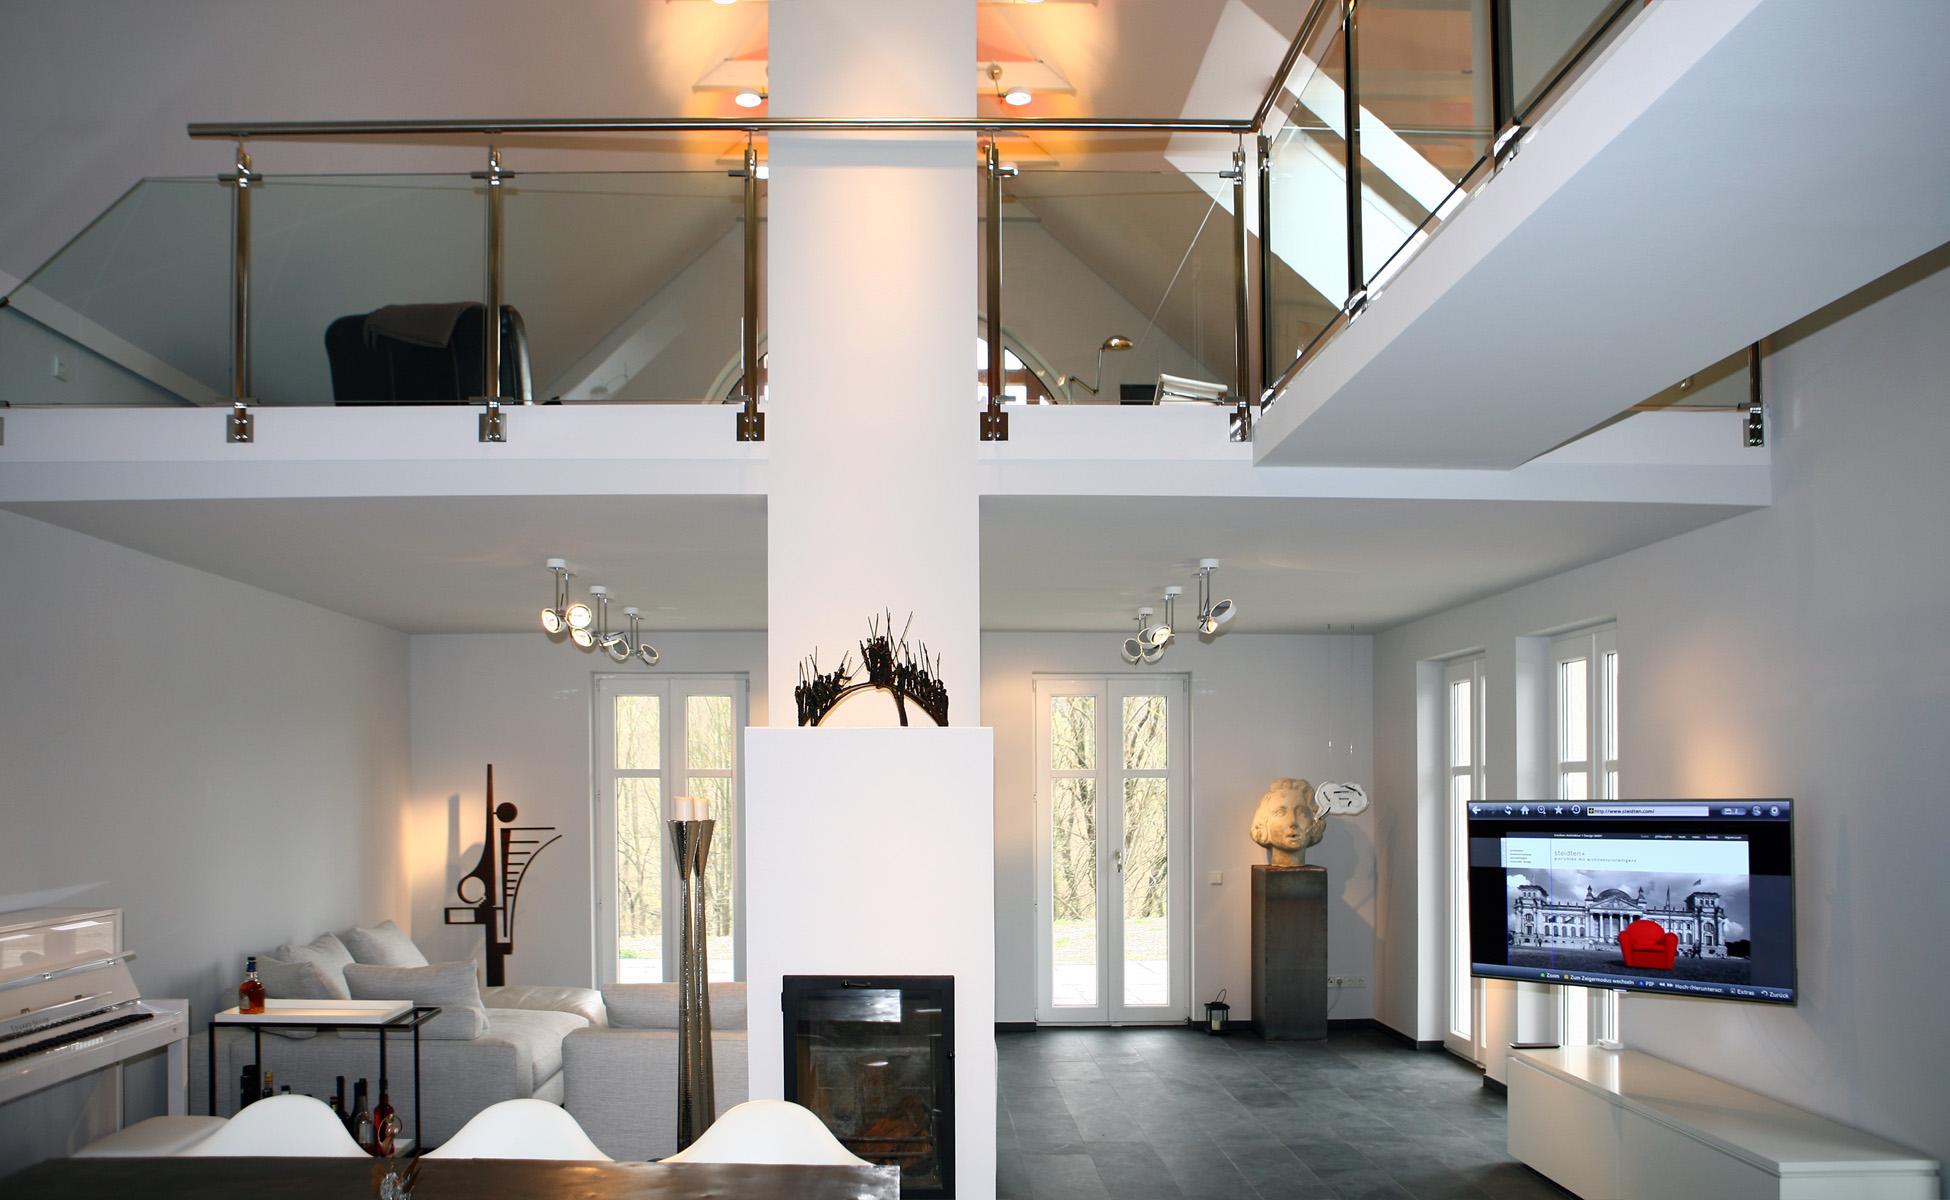 Innenarchitektur + Einrichtung Samsung TV Interluebke Cube Lowboard bei steidten+ Berlin